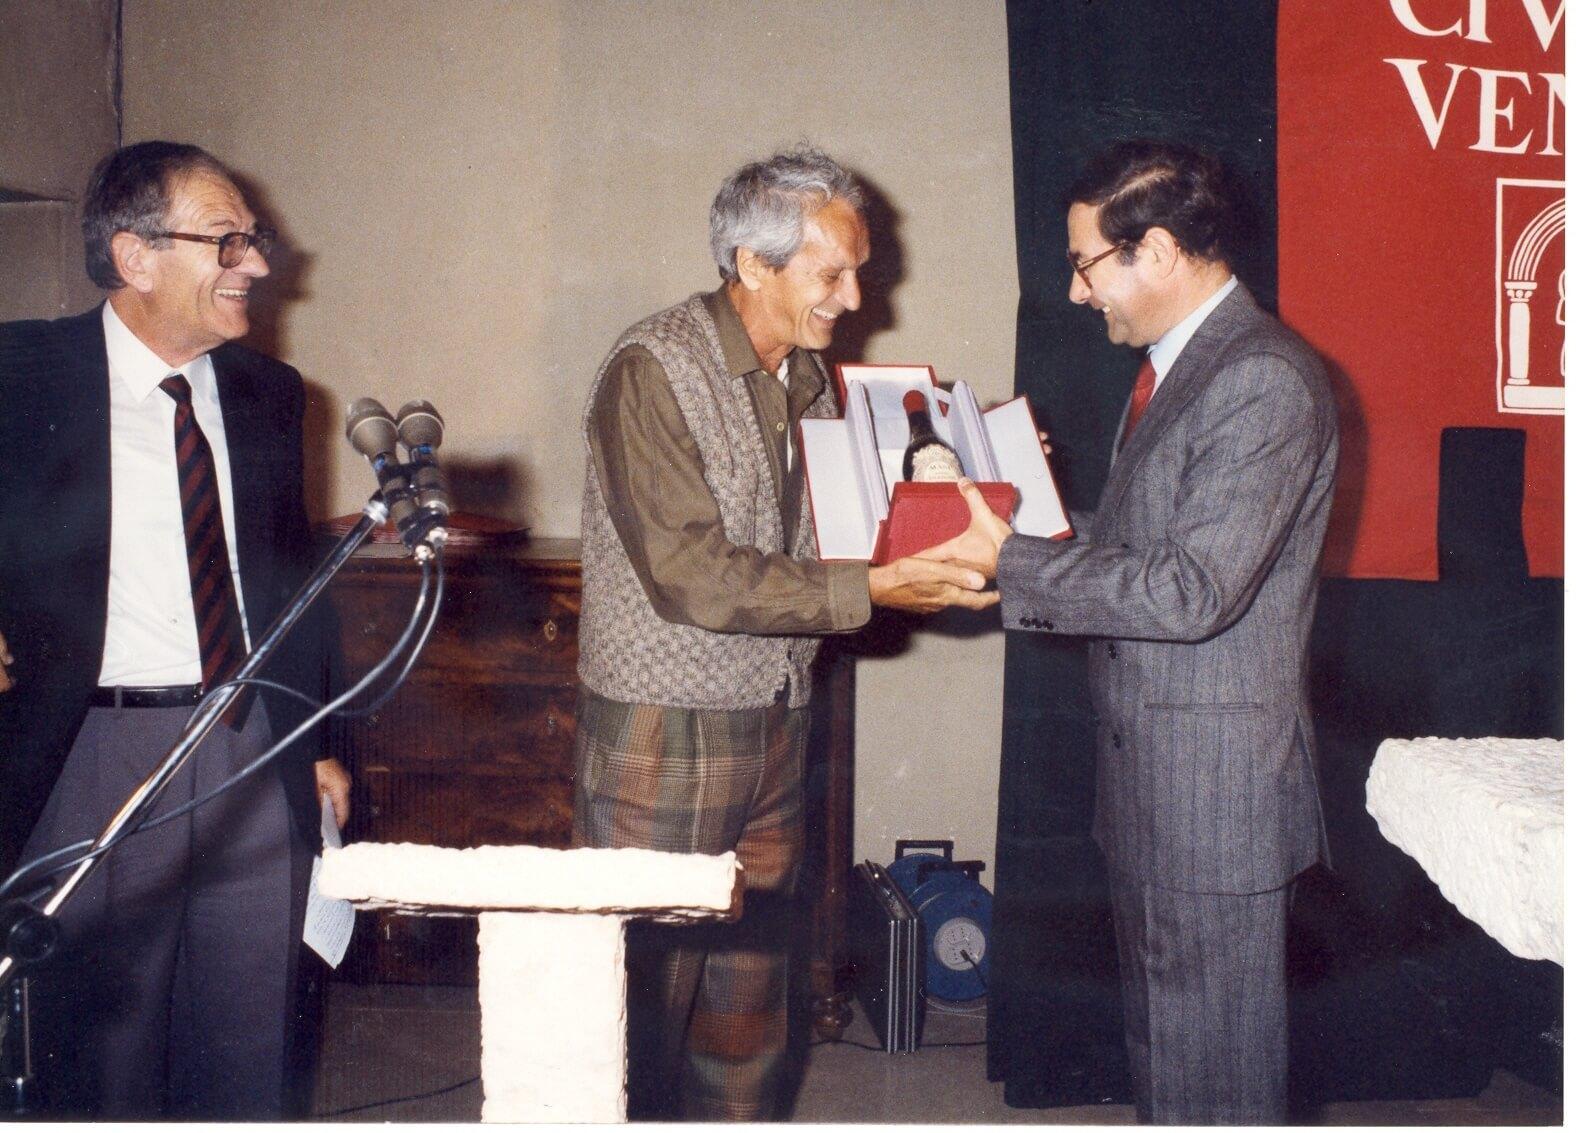 Ottavio Missoni - Premio Masi Civiltà veneta 1986